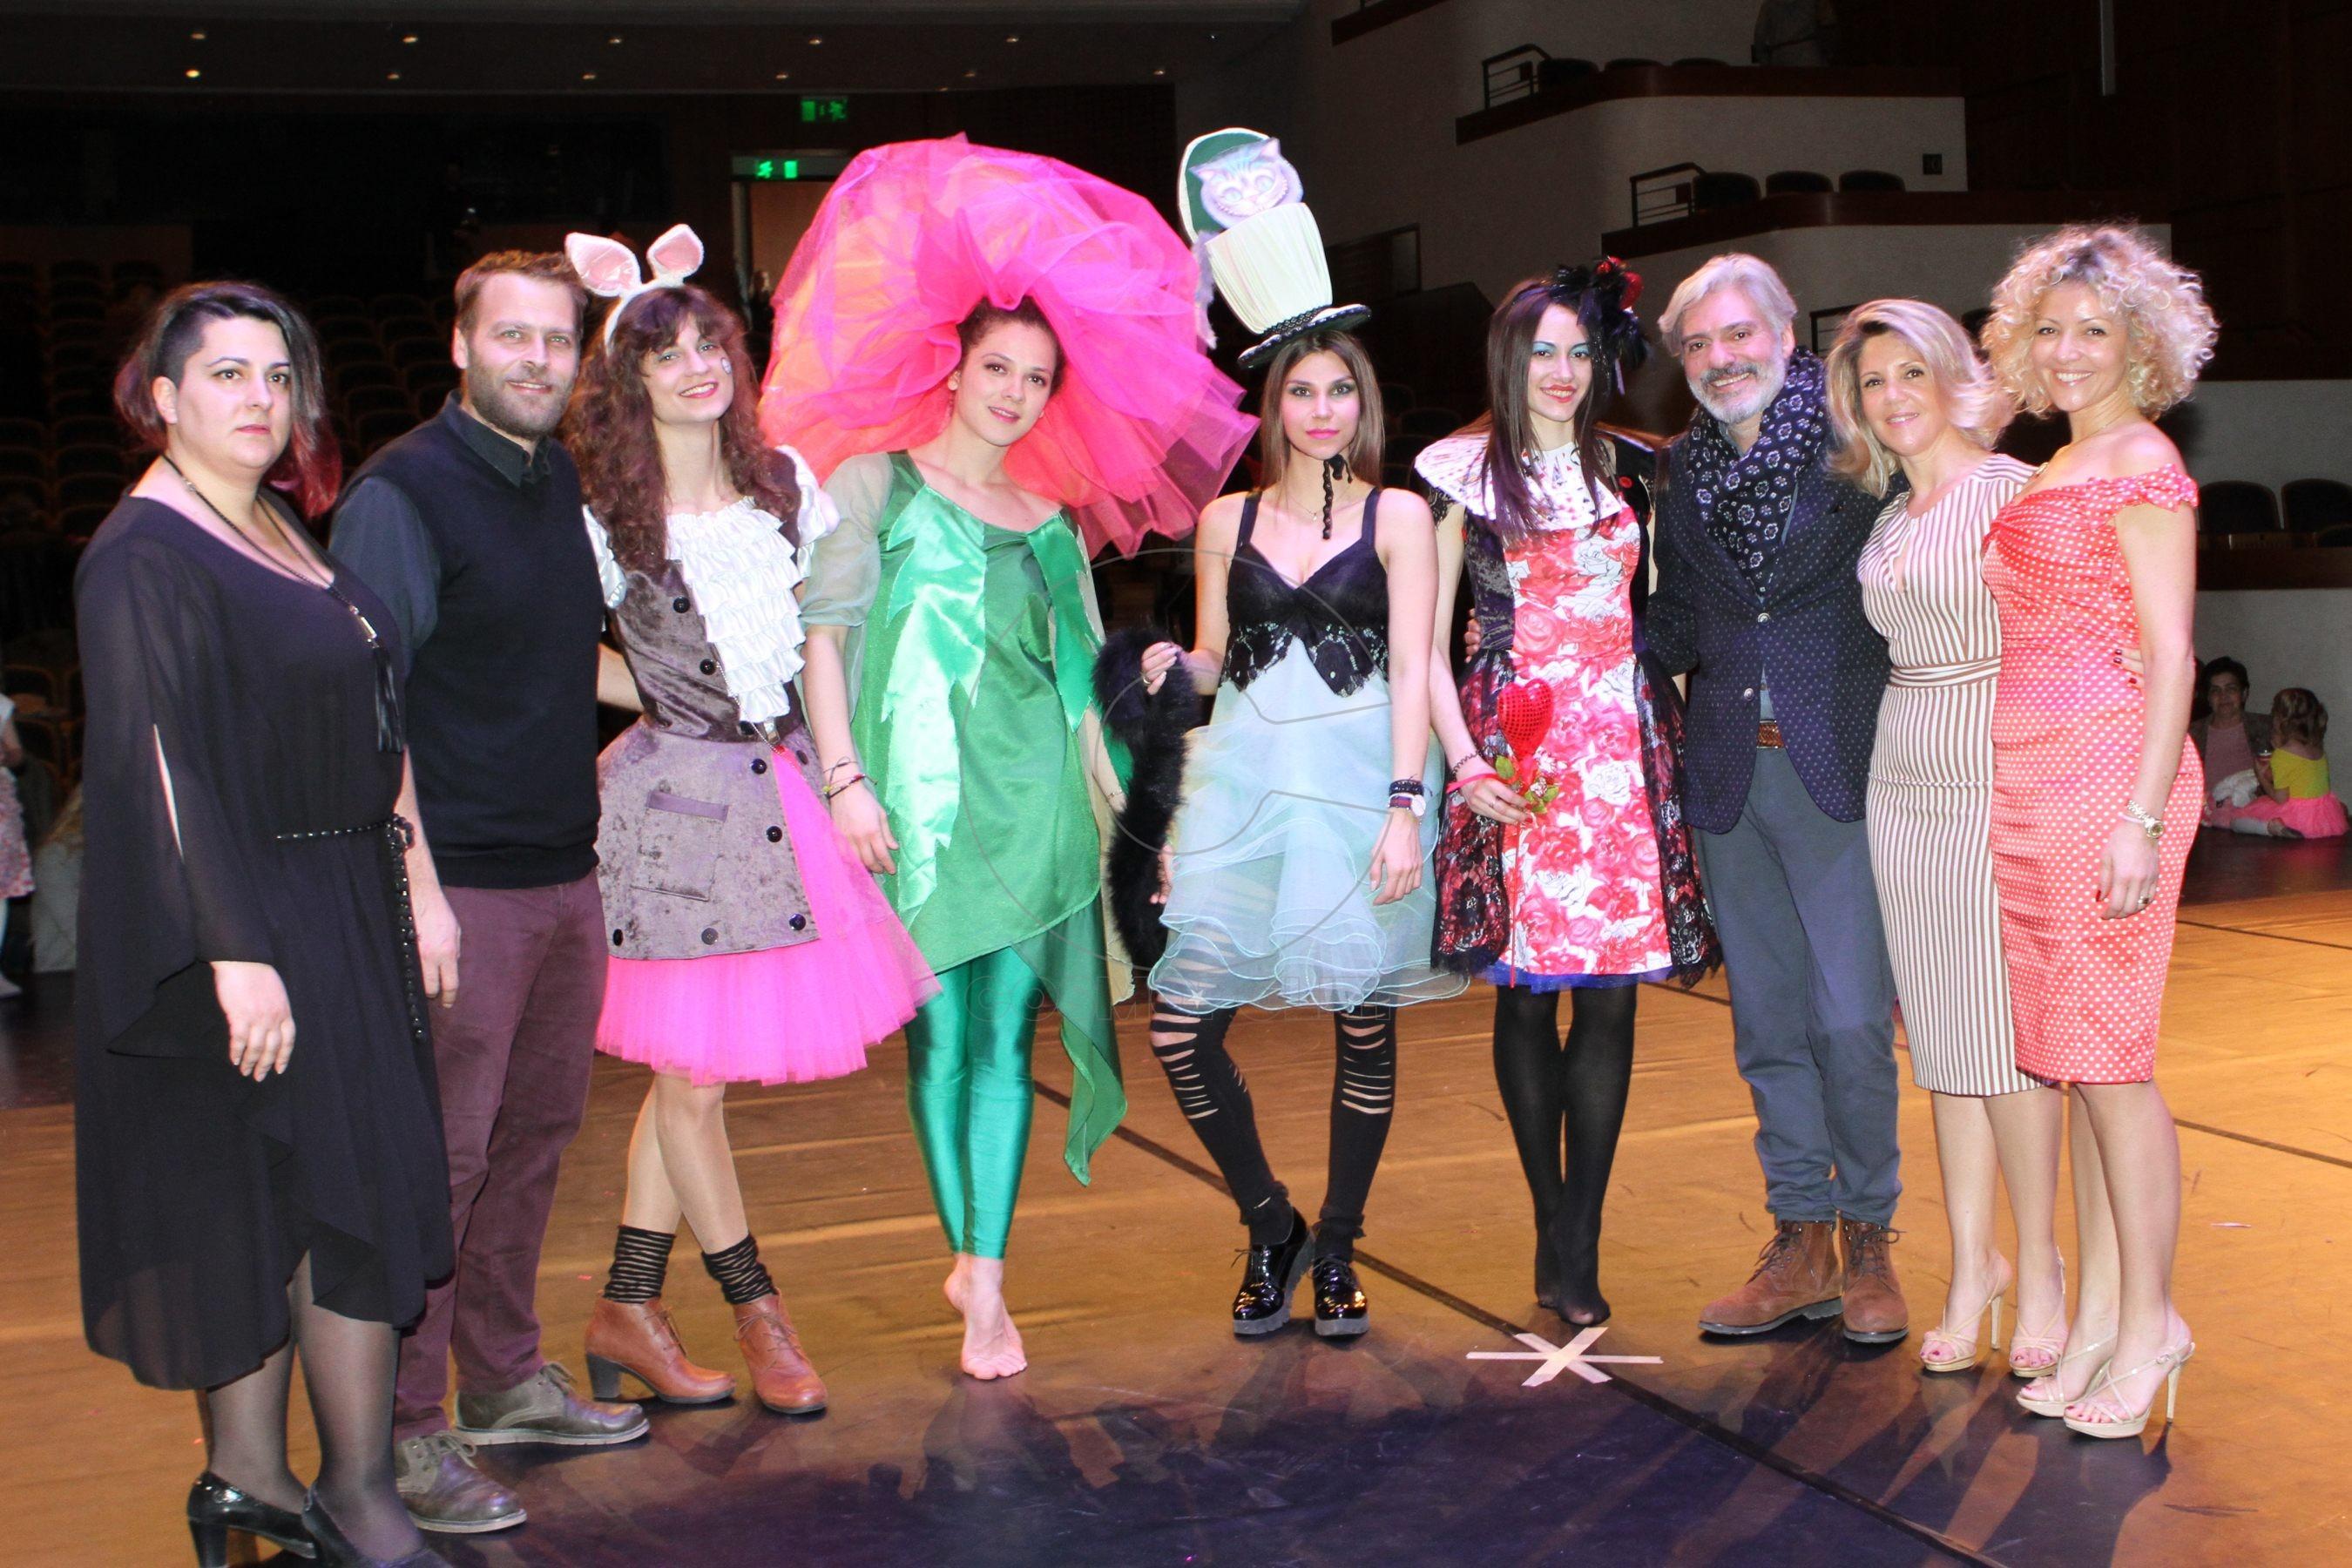 6 Κίκο Χατζηγιάννη, Νίκος Καλαιζίδης, Νατάσα & Δήμητρα Ντόρτογλου του catwalk με τις δημιουργίες του catwalk & τον σχεδιαστή Κωνσταντίνο